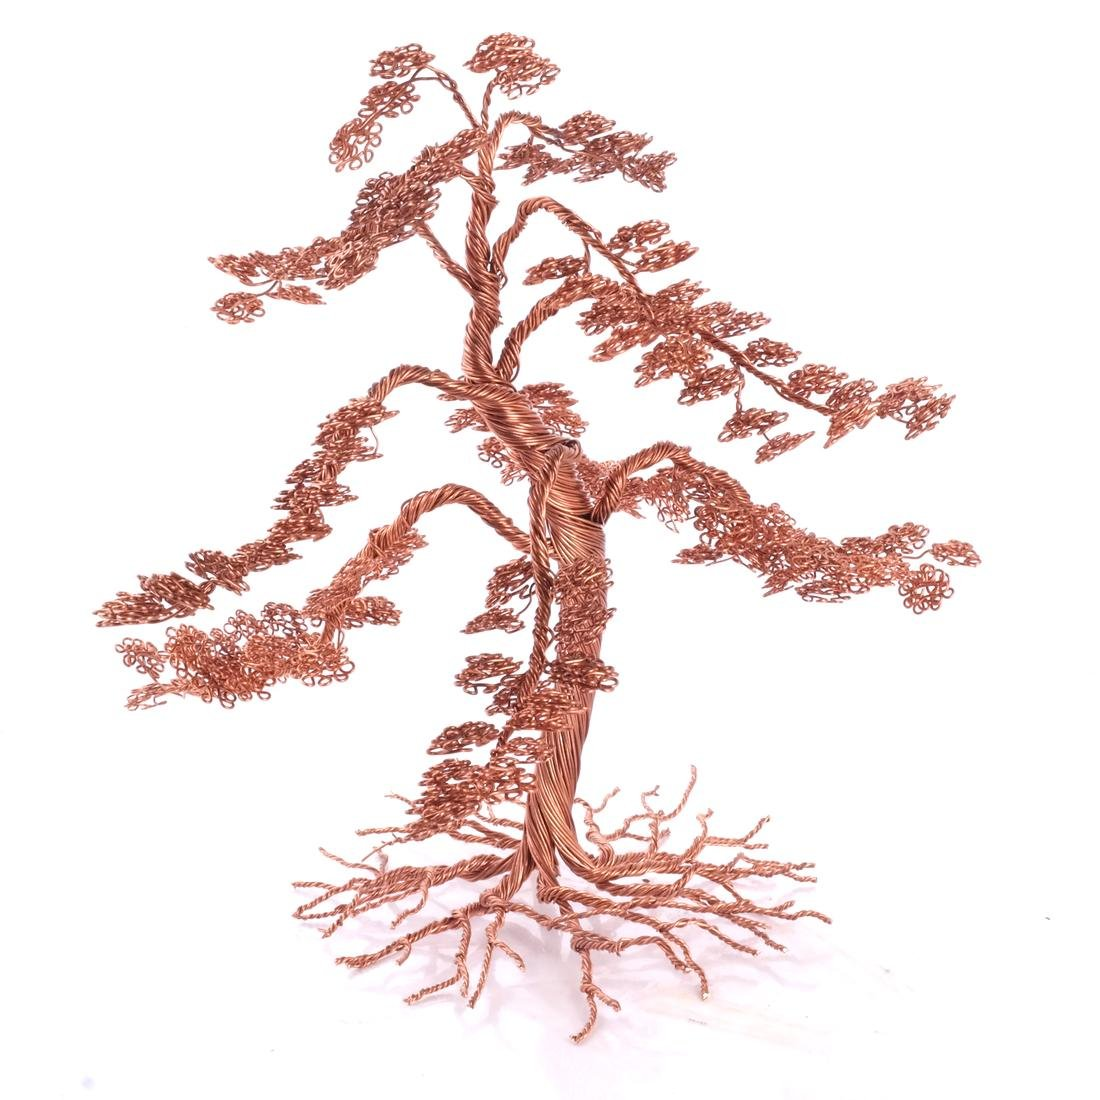 Hudson River Valley Outsider Art: Copper Tree - 4